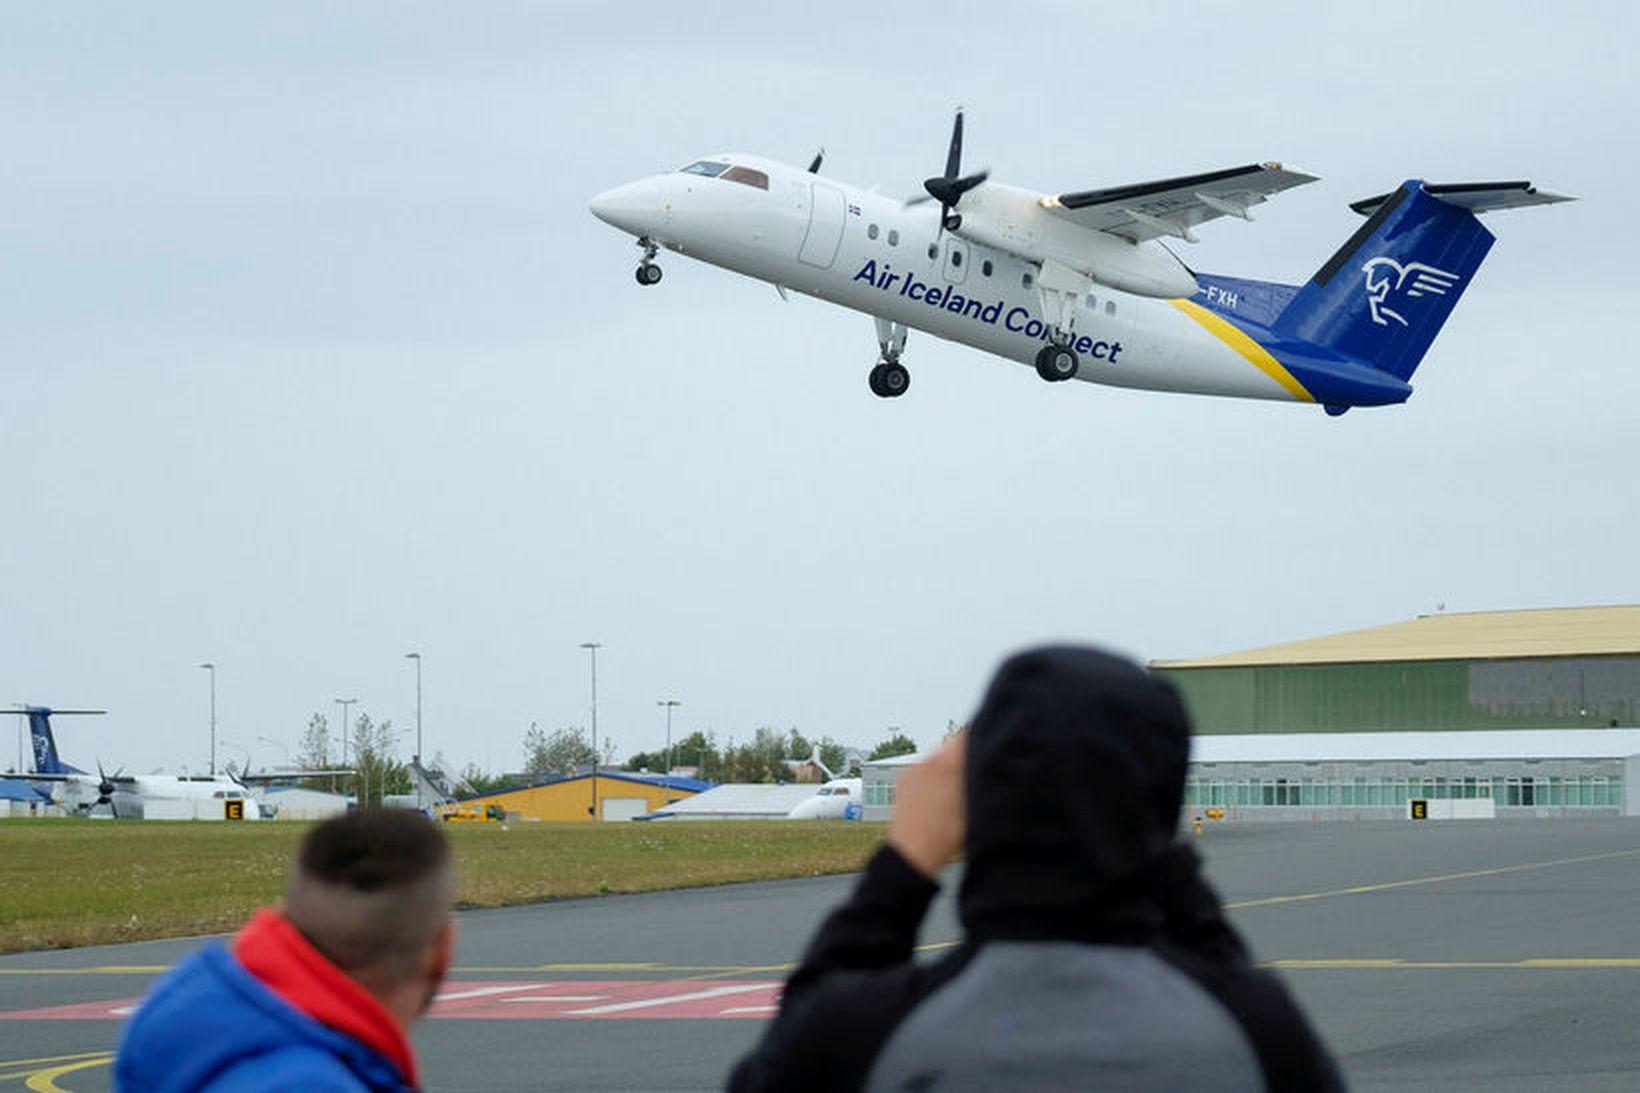 Áformað er að byggja Reykjavíkurflugvöll upp á næstu árum. Það …